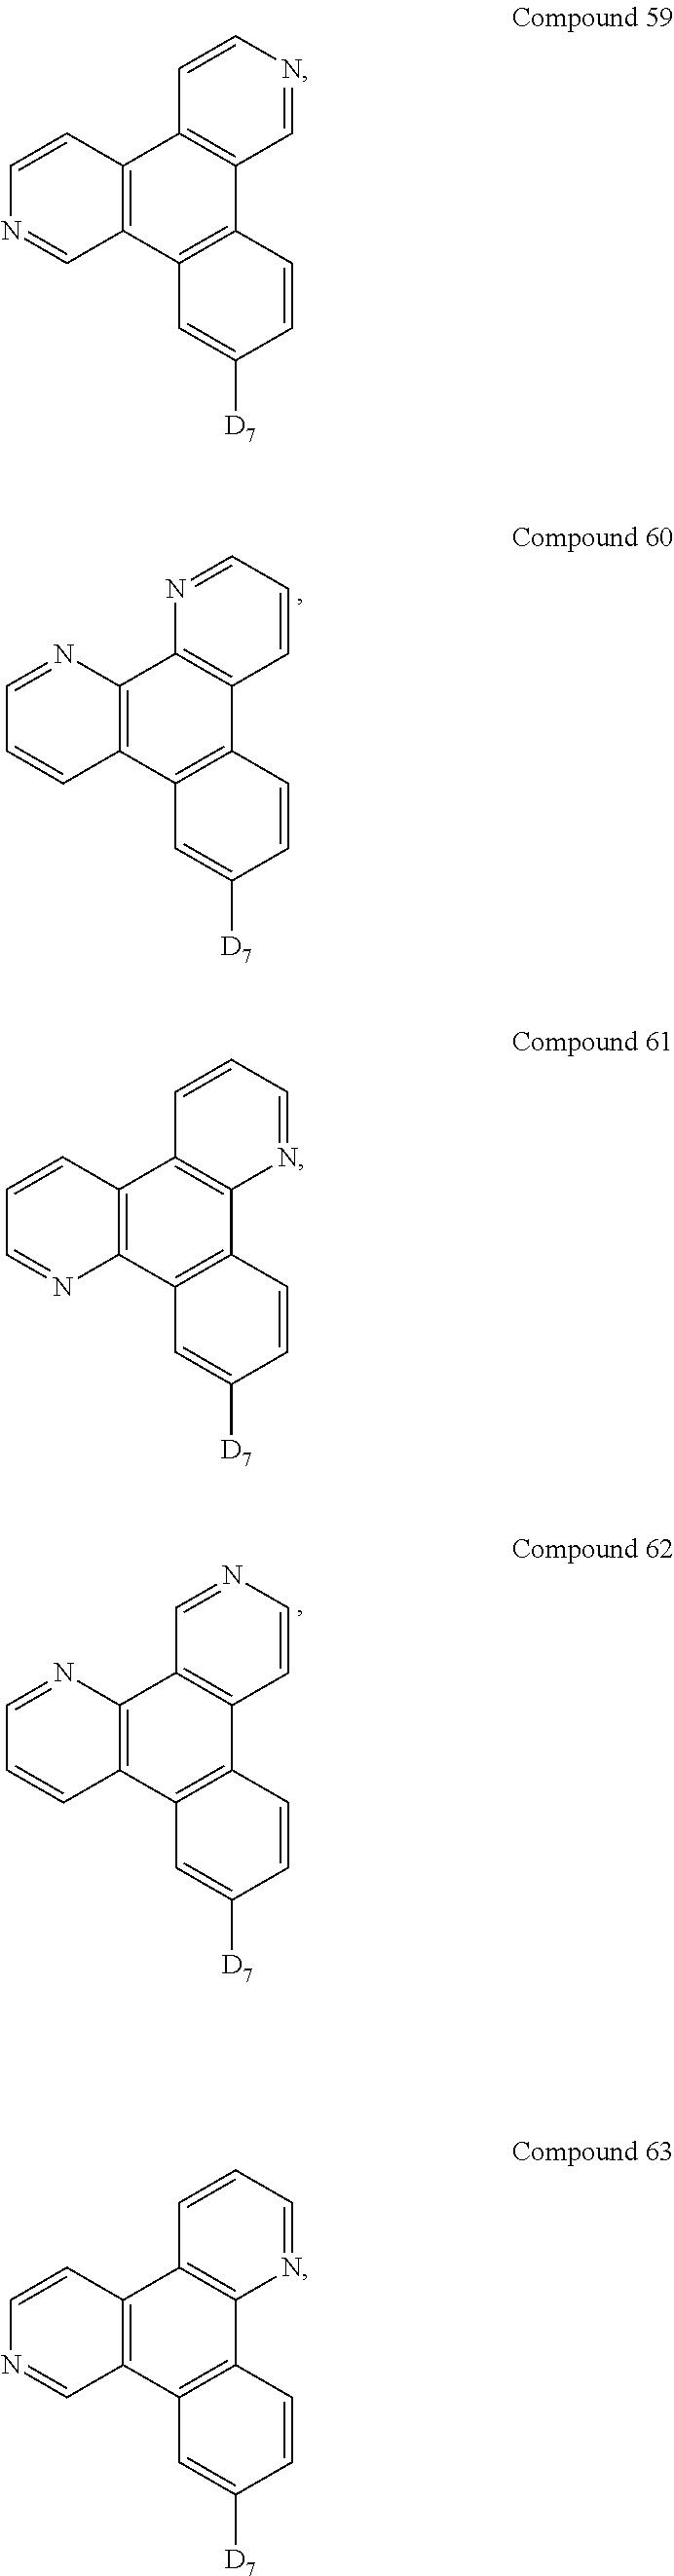 Figure US09537106-20170103-C00505